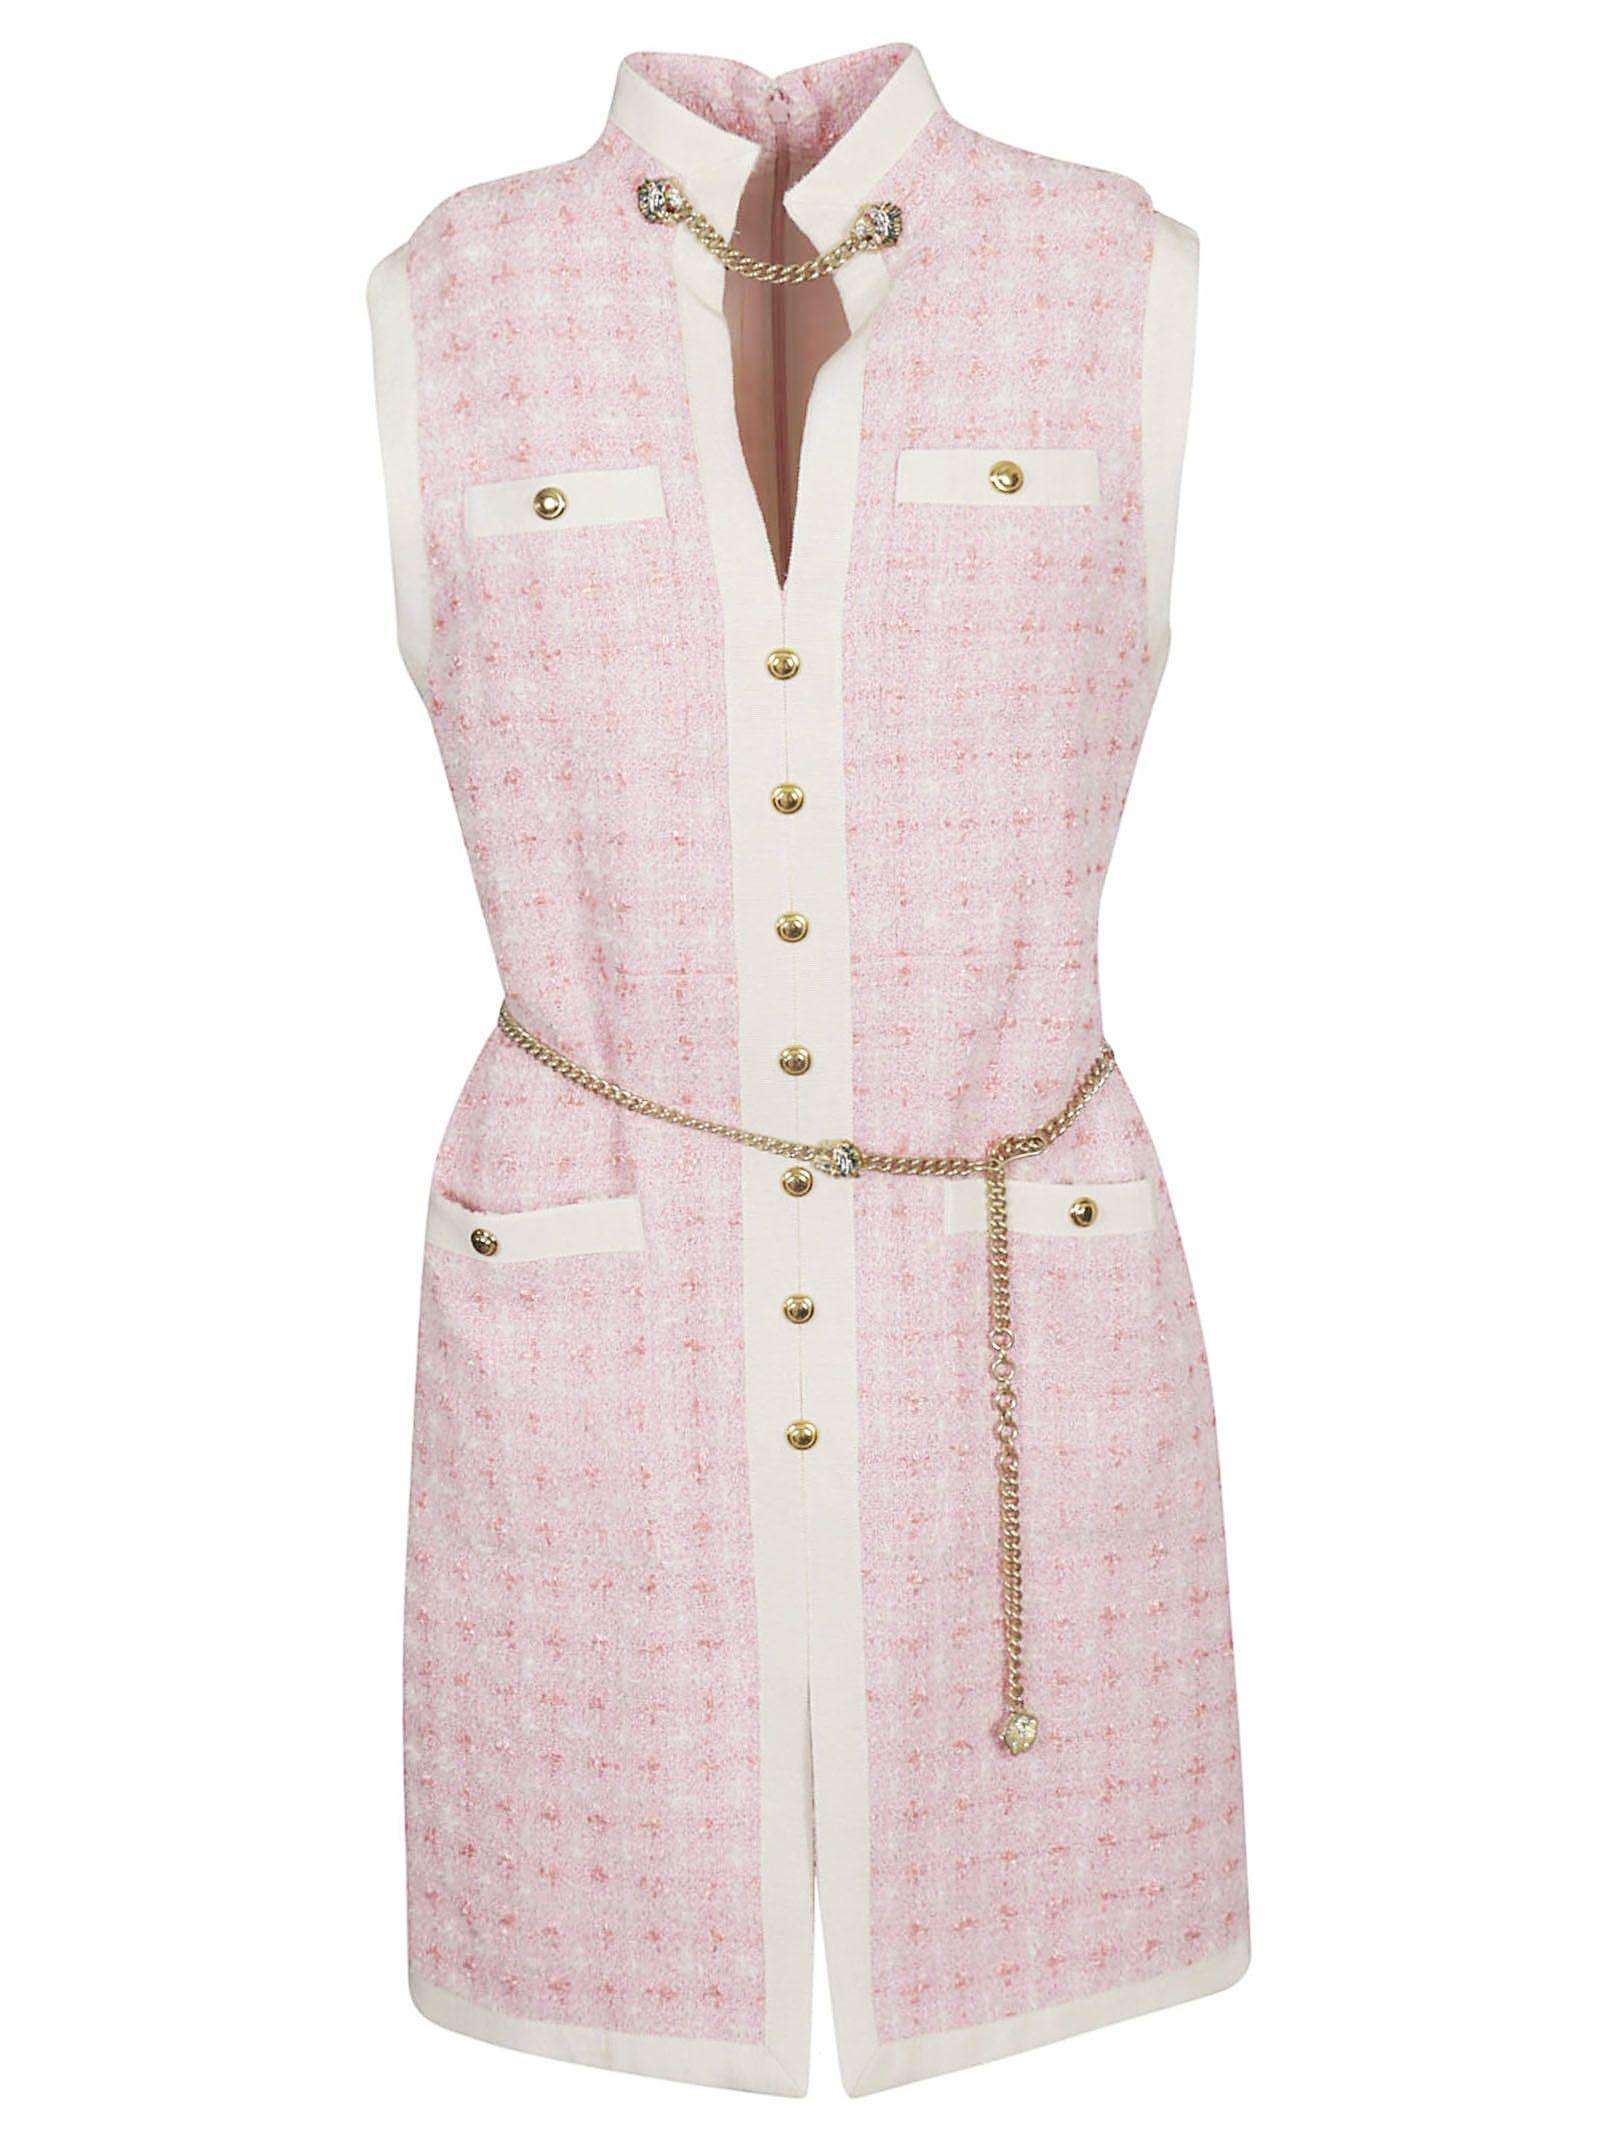 27bfcfe086a Gucci Gucci Tweed Short Dress - Pink - 10920445 | italist